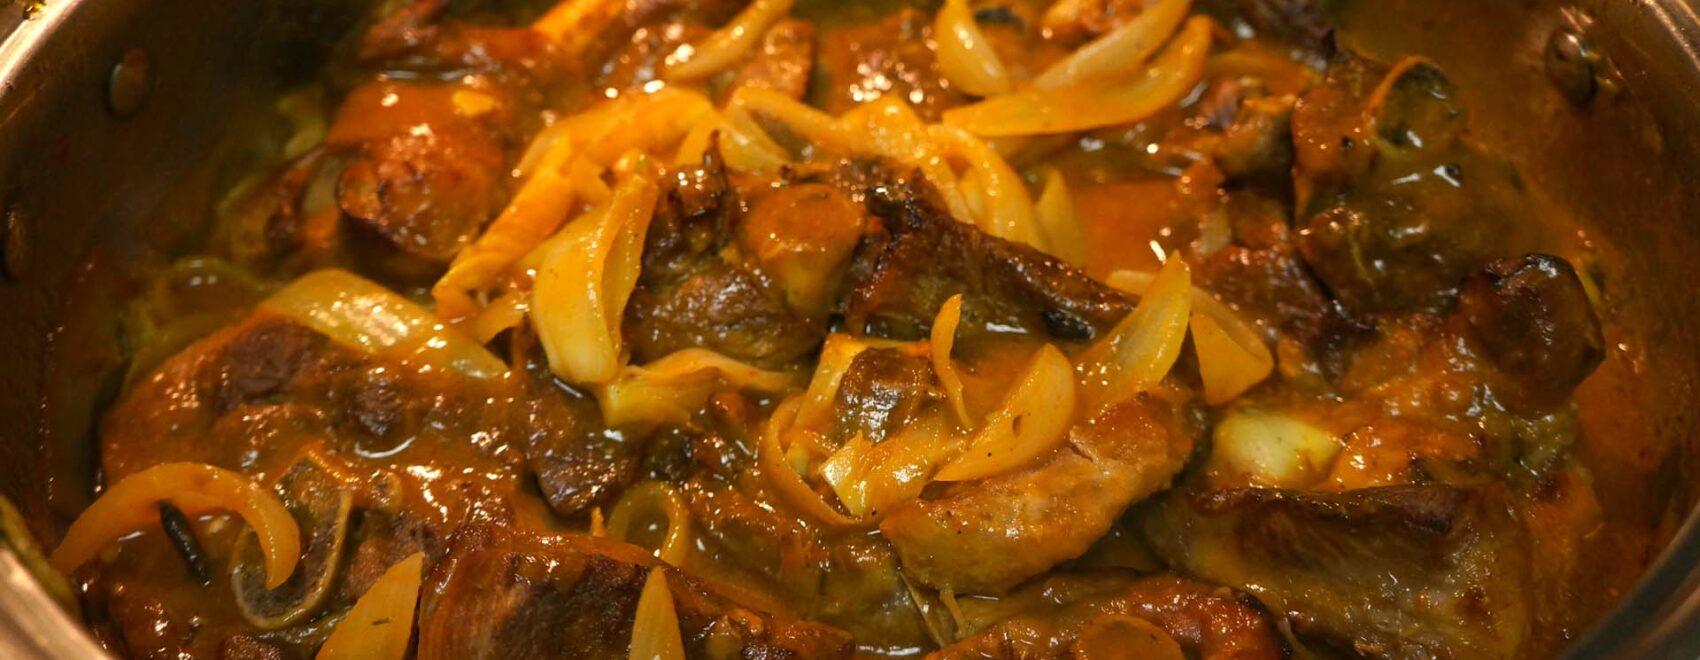 Turkey in Creole Sauce